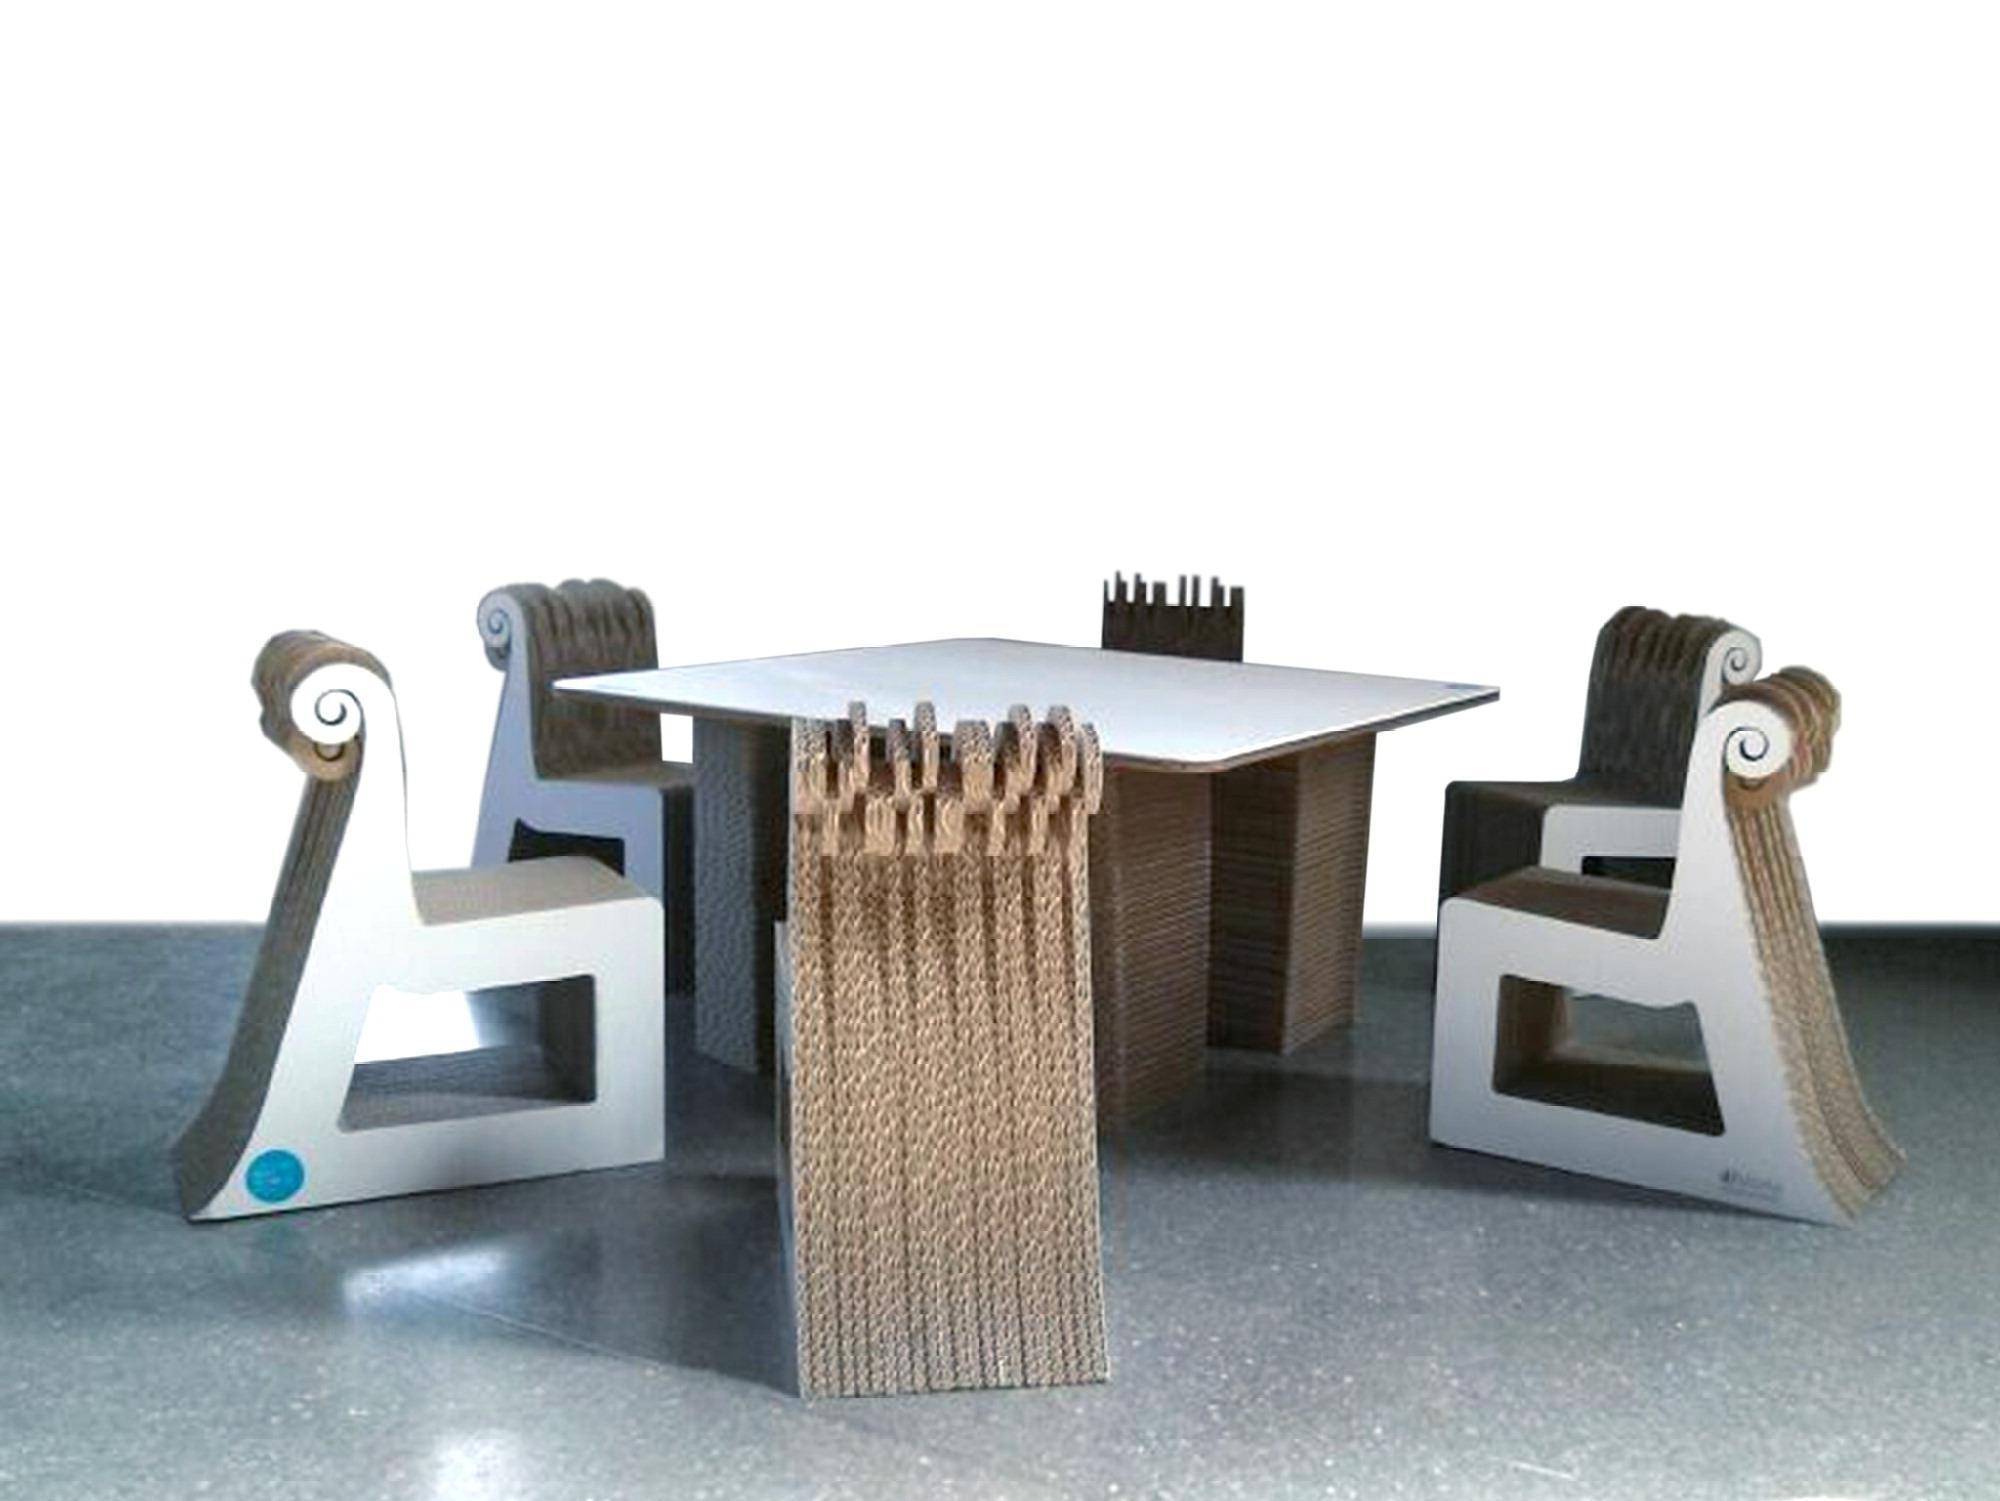 Le sedie di cartone col marchio siciliano trova lavoro for Sedia e un nome primitivo o derivato